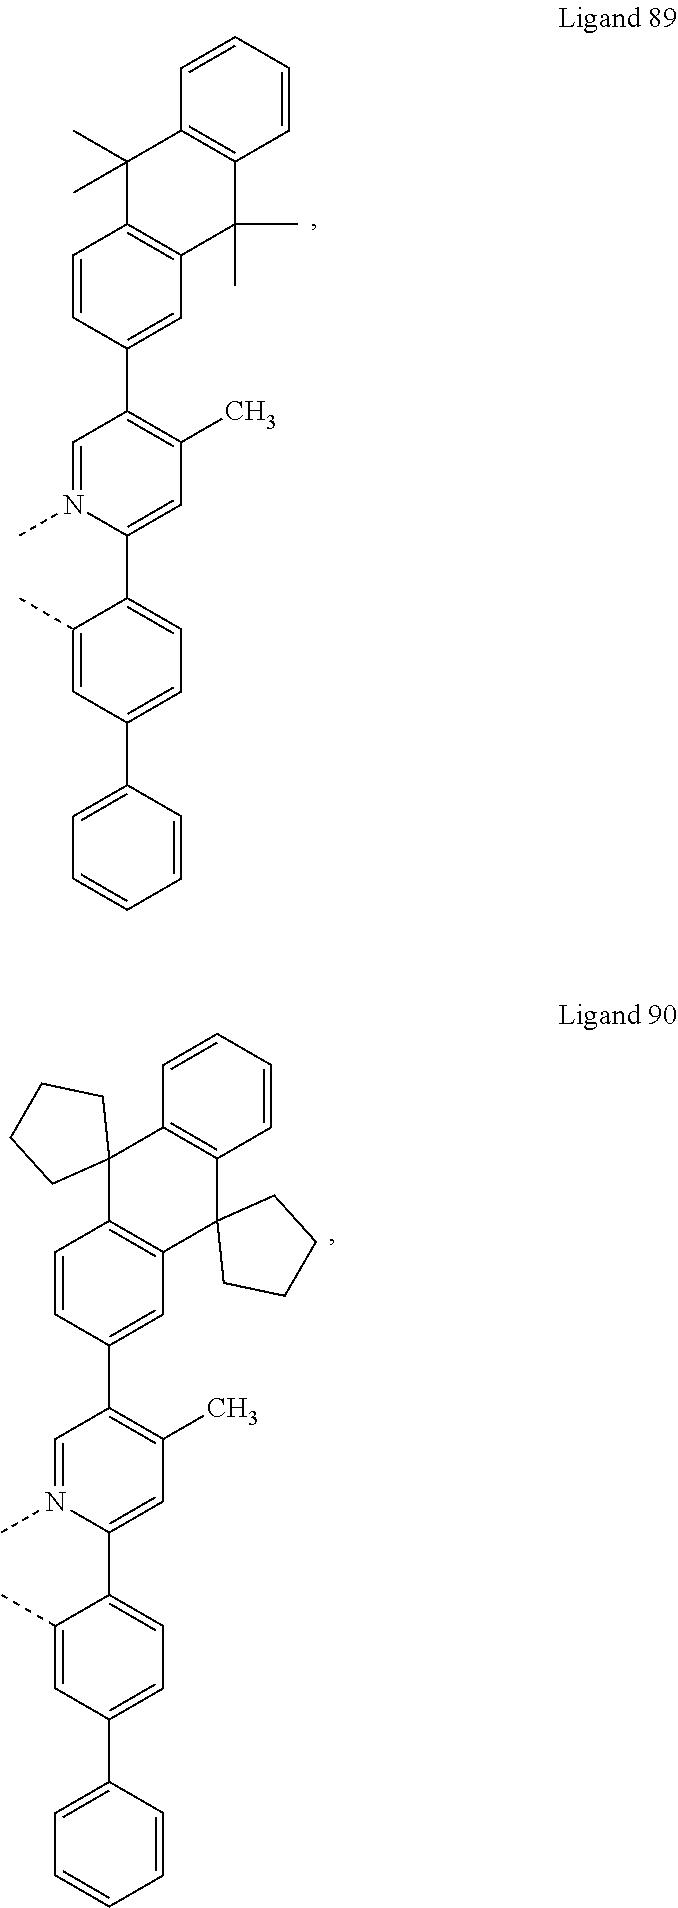 Figure US20180130962A1-20180510-C00053